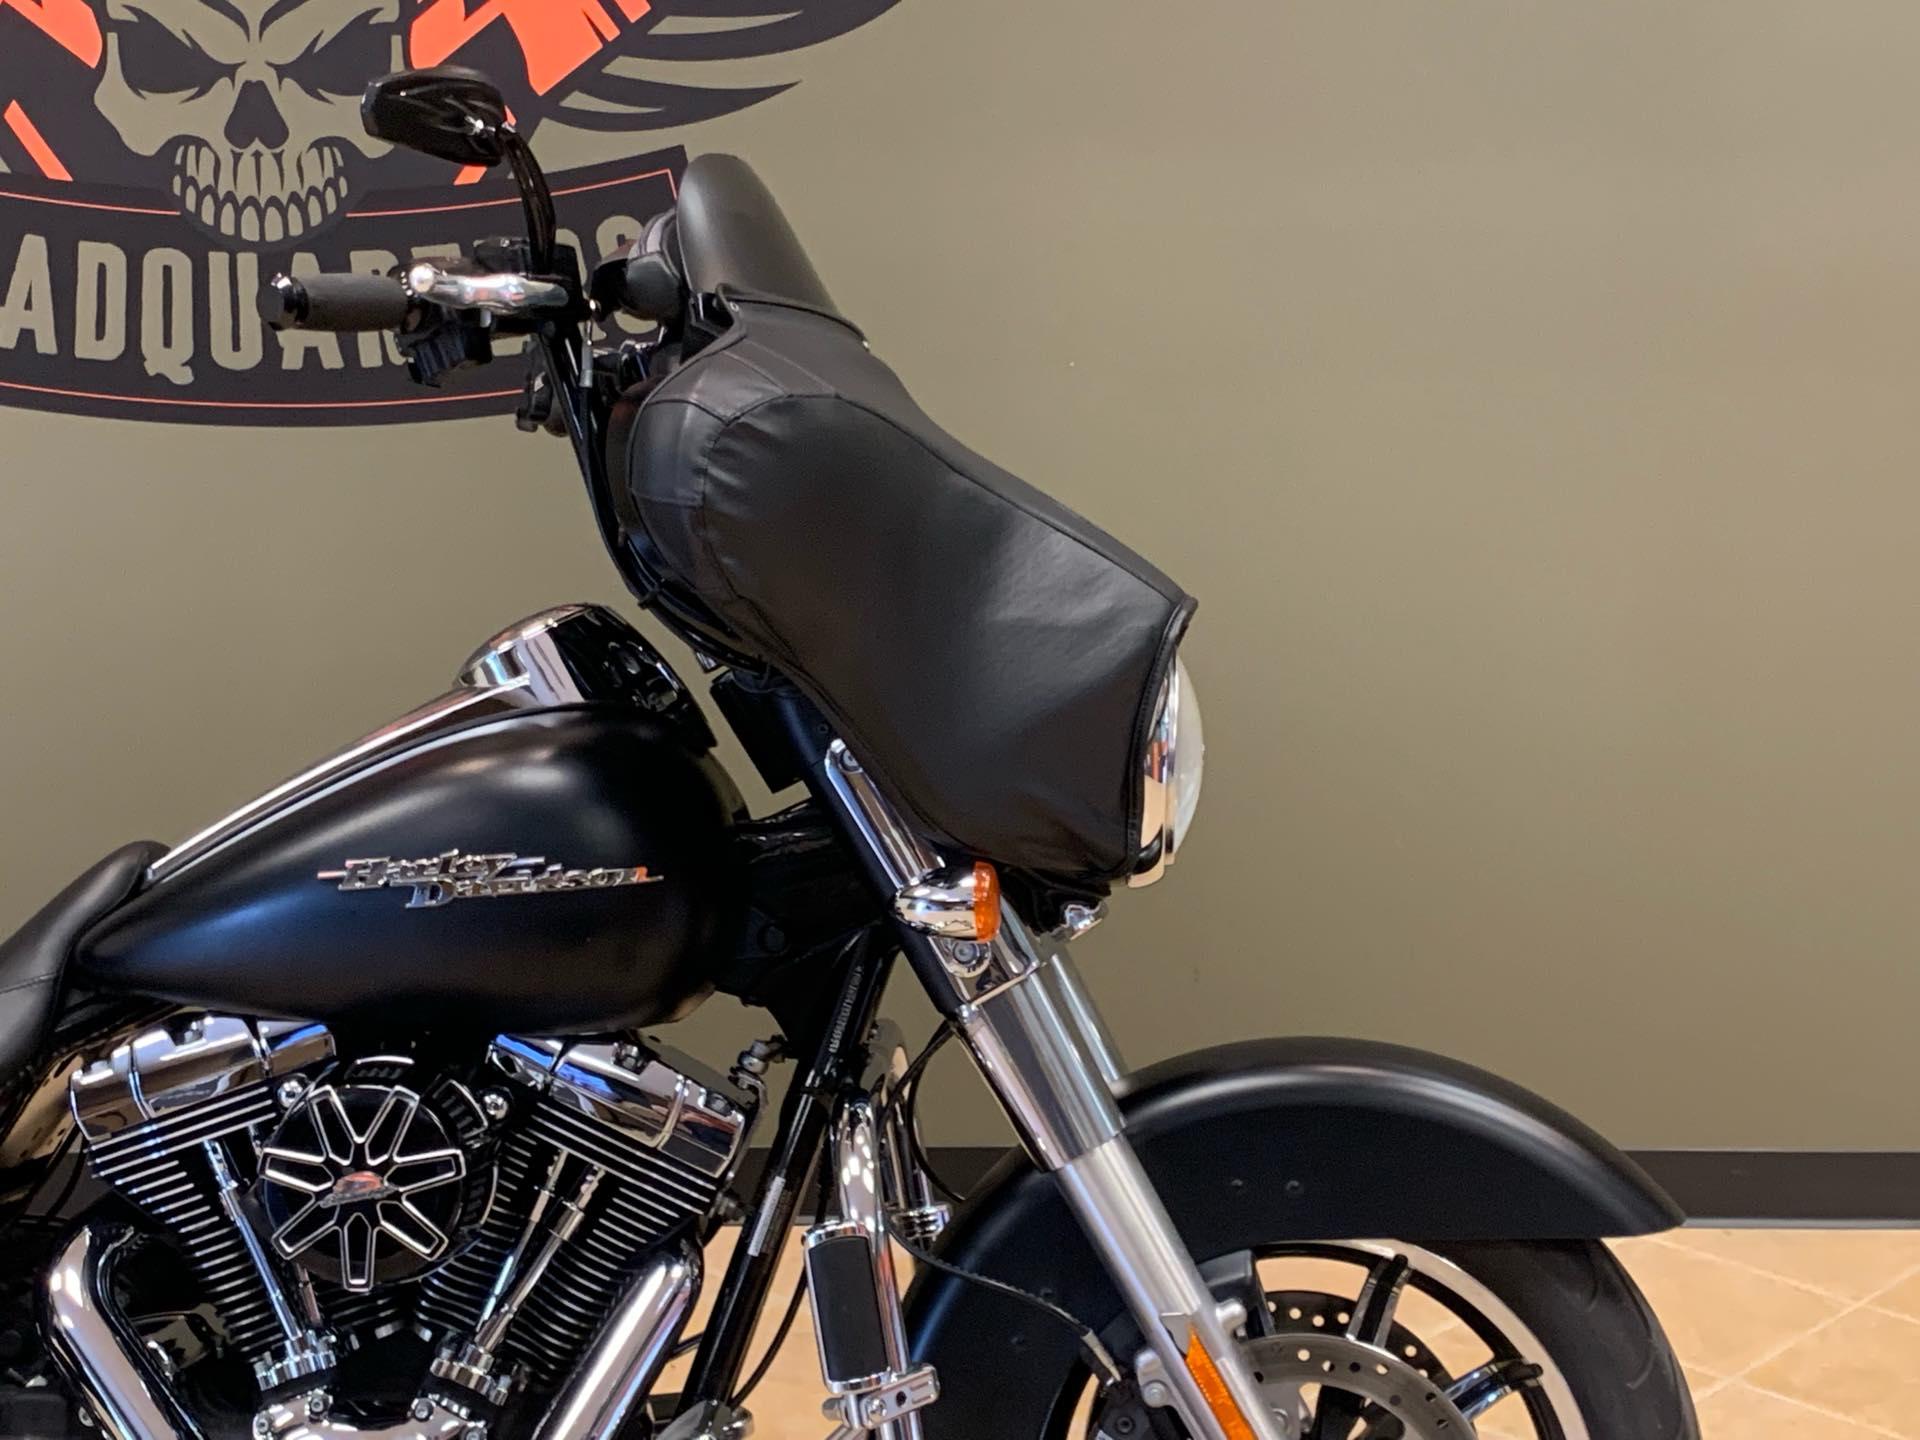 2010 Harley-Davidson Street Glide Base at Loess Hills Harley-Davidson